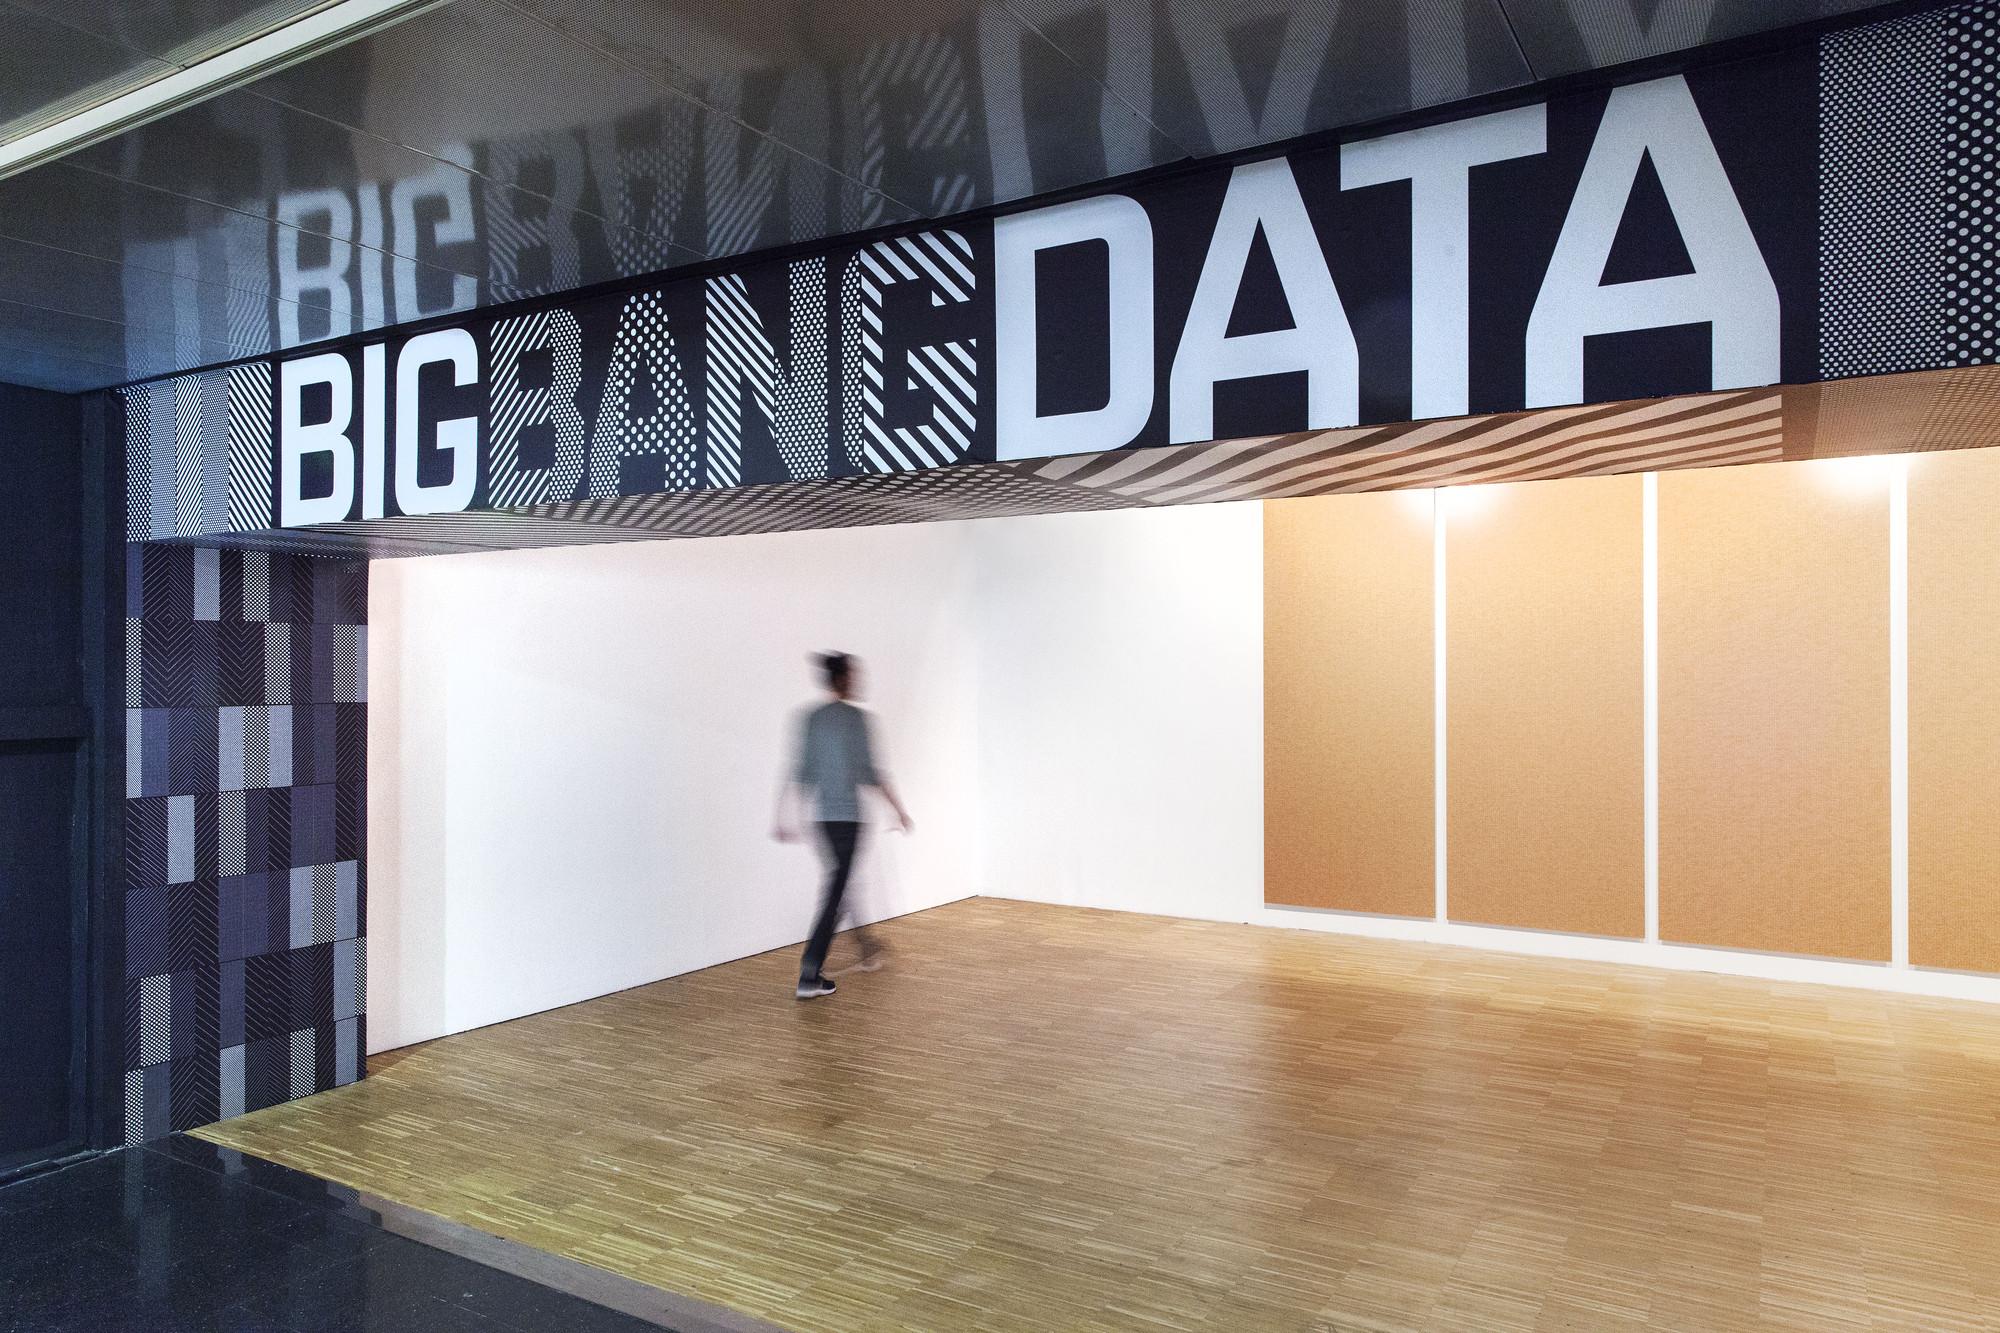 Big Bang Data en el CCCB / Barcelona, España, Exposición Big Bang Data en CCCB. Image © Gunnar Knechtel